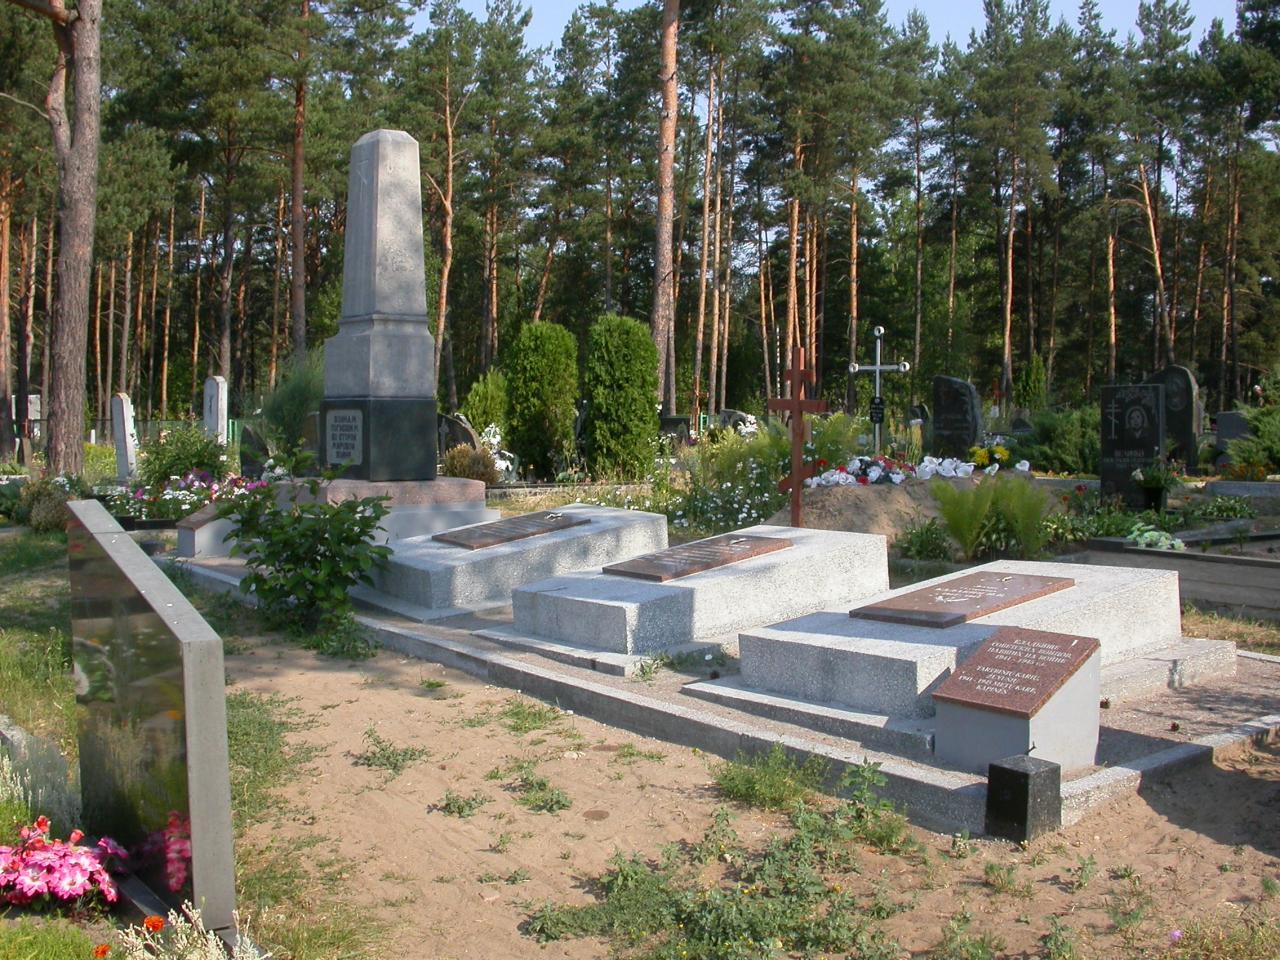 п. Немежис Вильнюсского р-на. Воинское захоронение 900 советских военнопленных на кладбище у дороги Вильнюс–Минск.